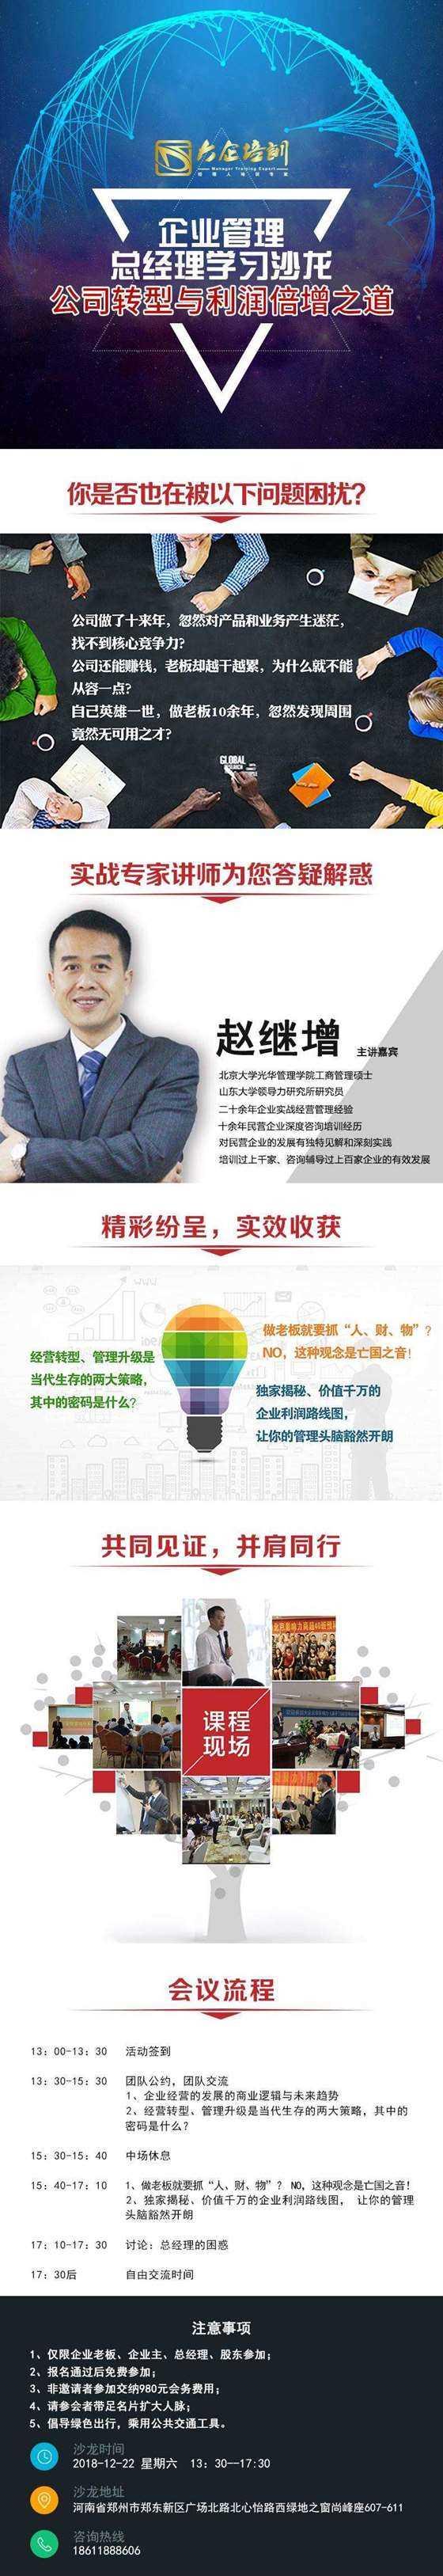 沙龙详情页(赵继增)12.22.jpg